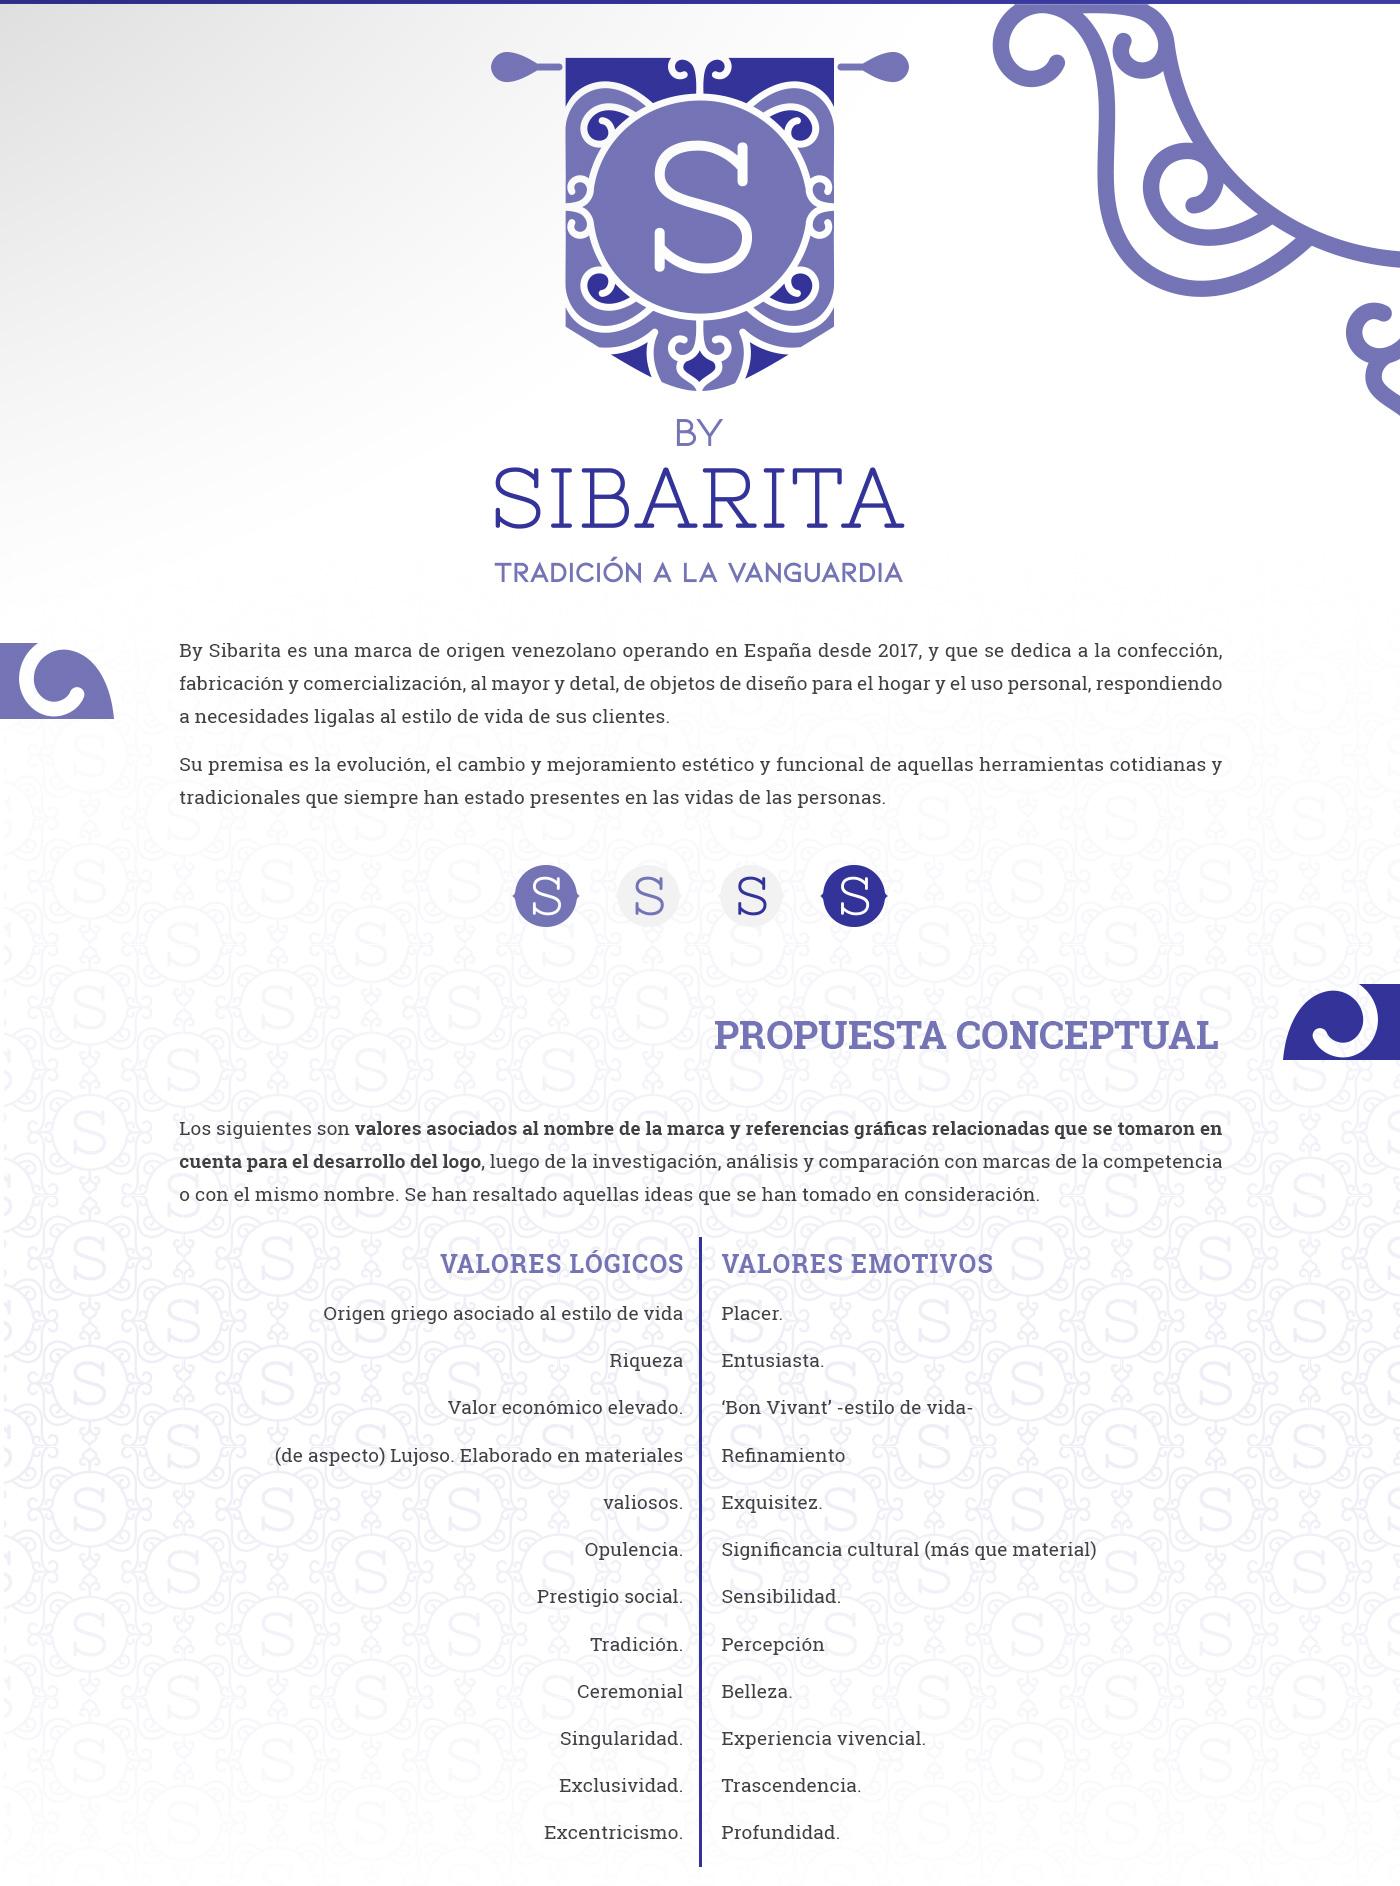 Portafolio Sibarita 02